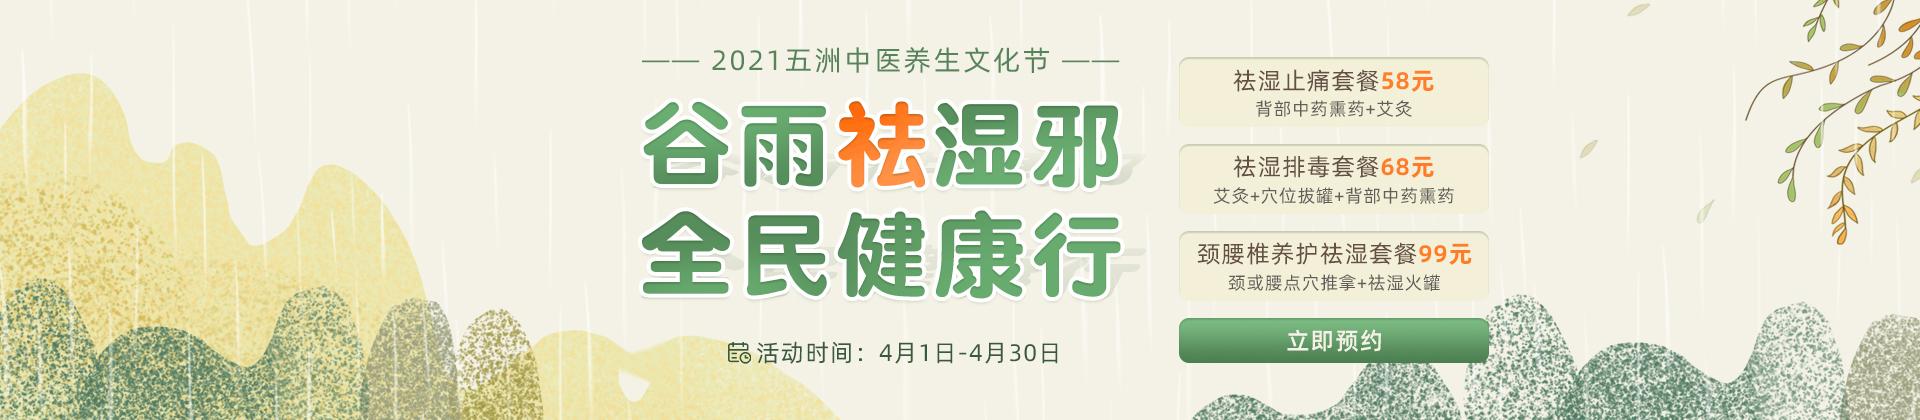 2021祛湿养生文化节